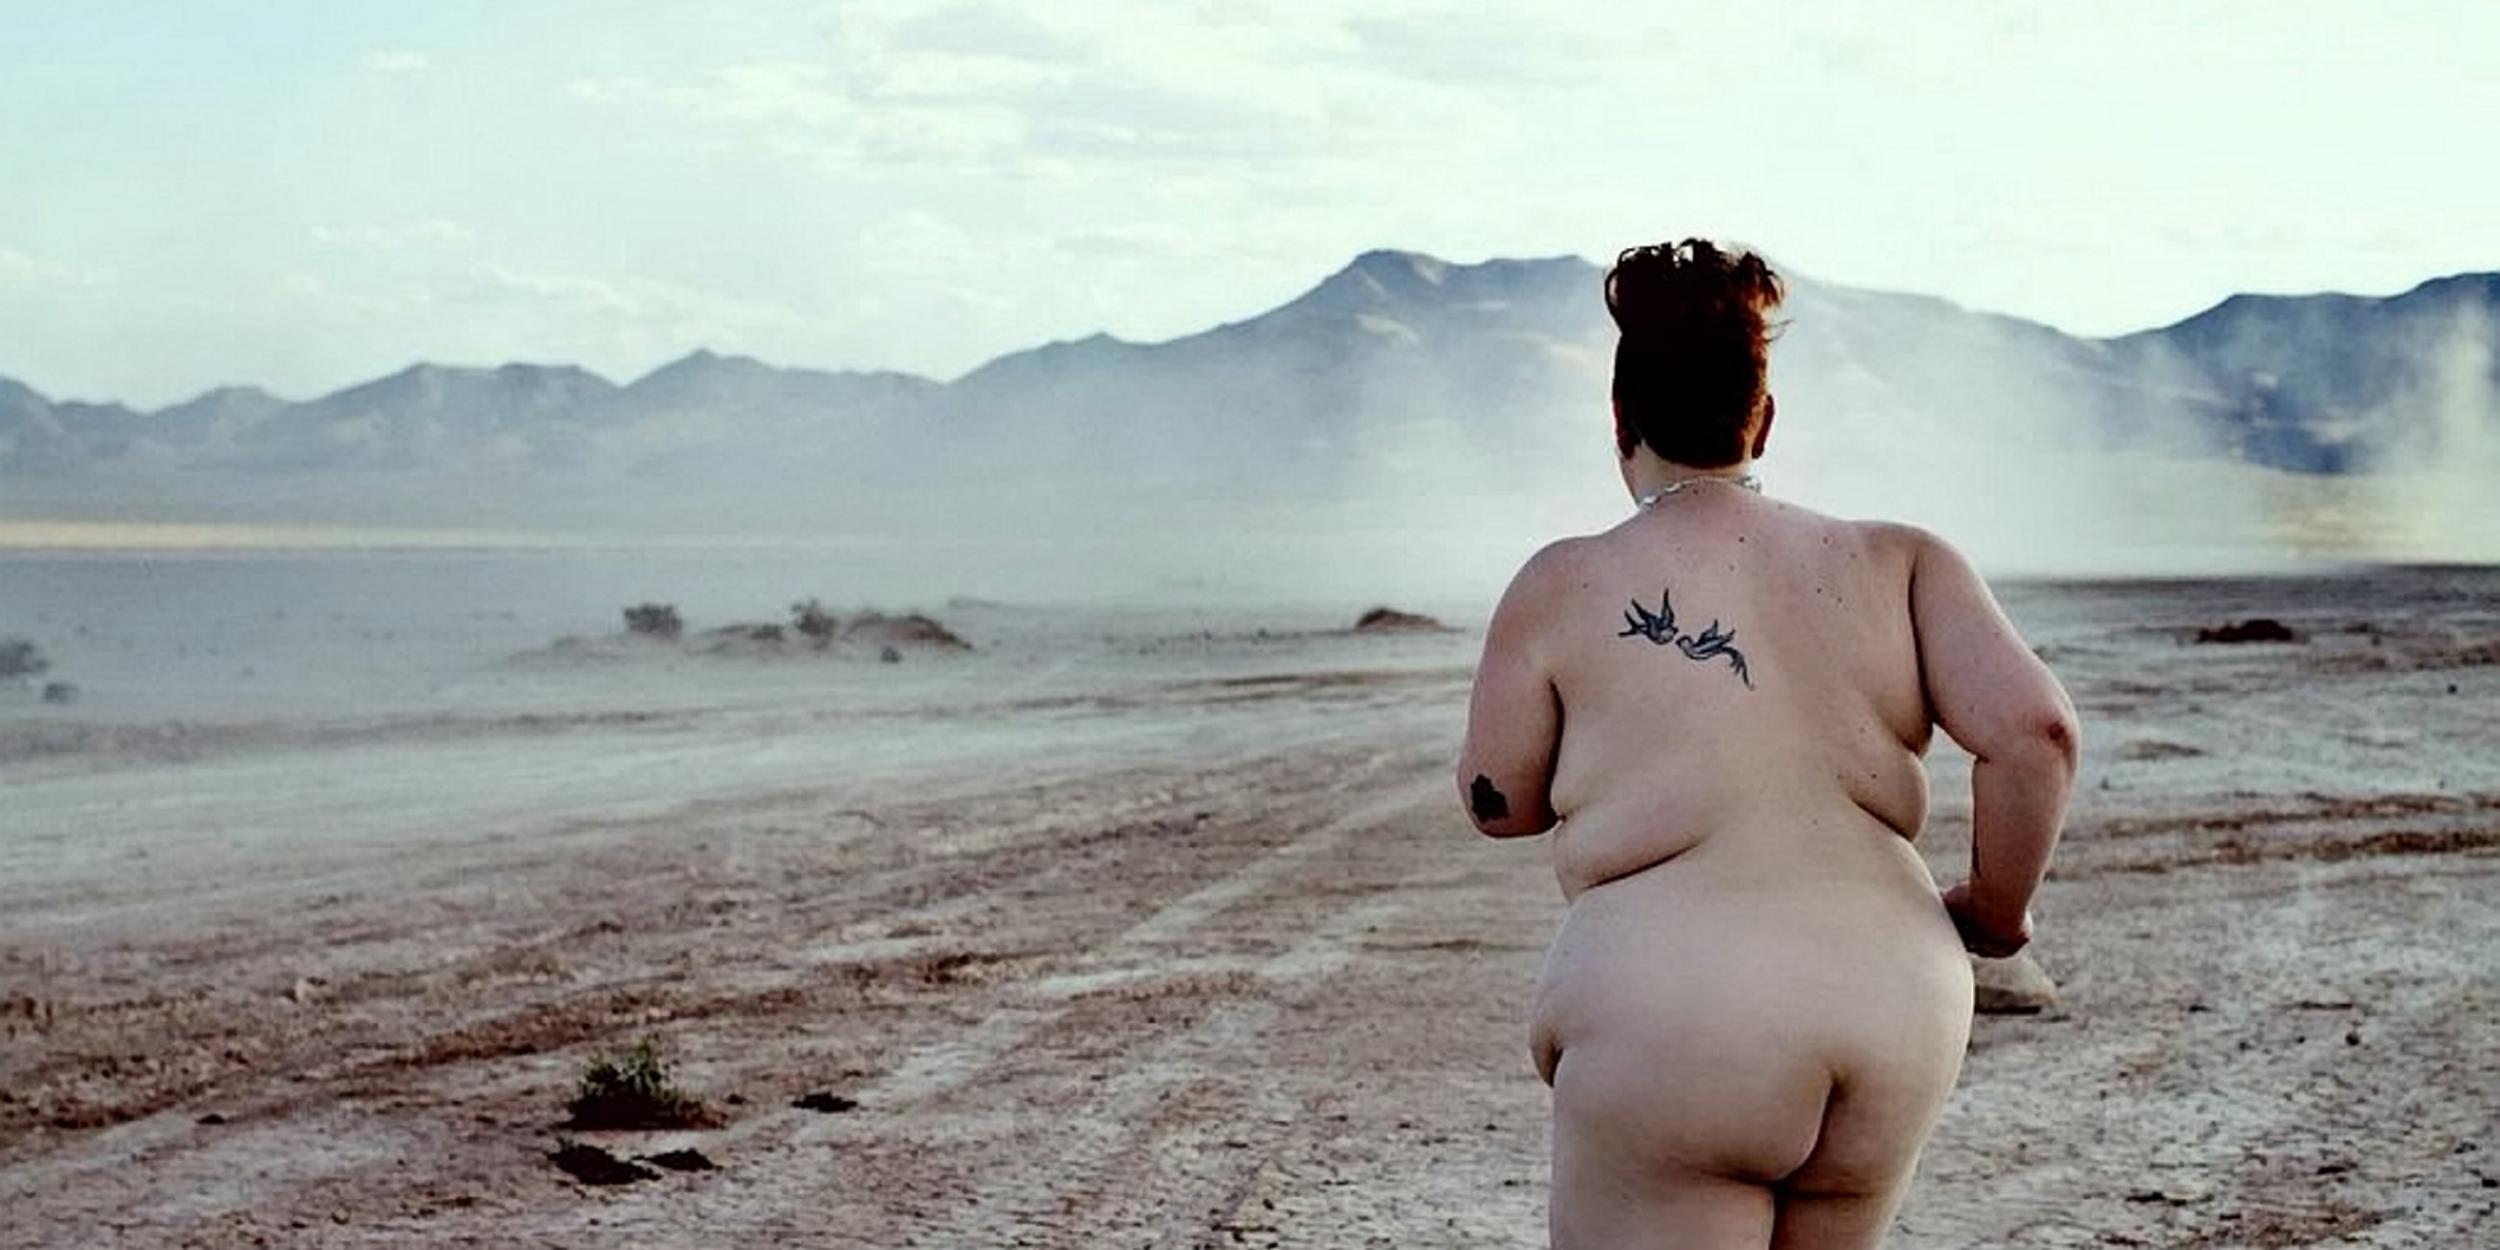 Chubby Nude Beach Photos